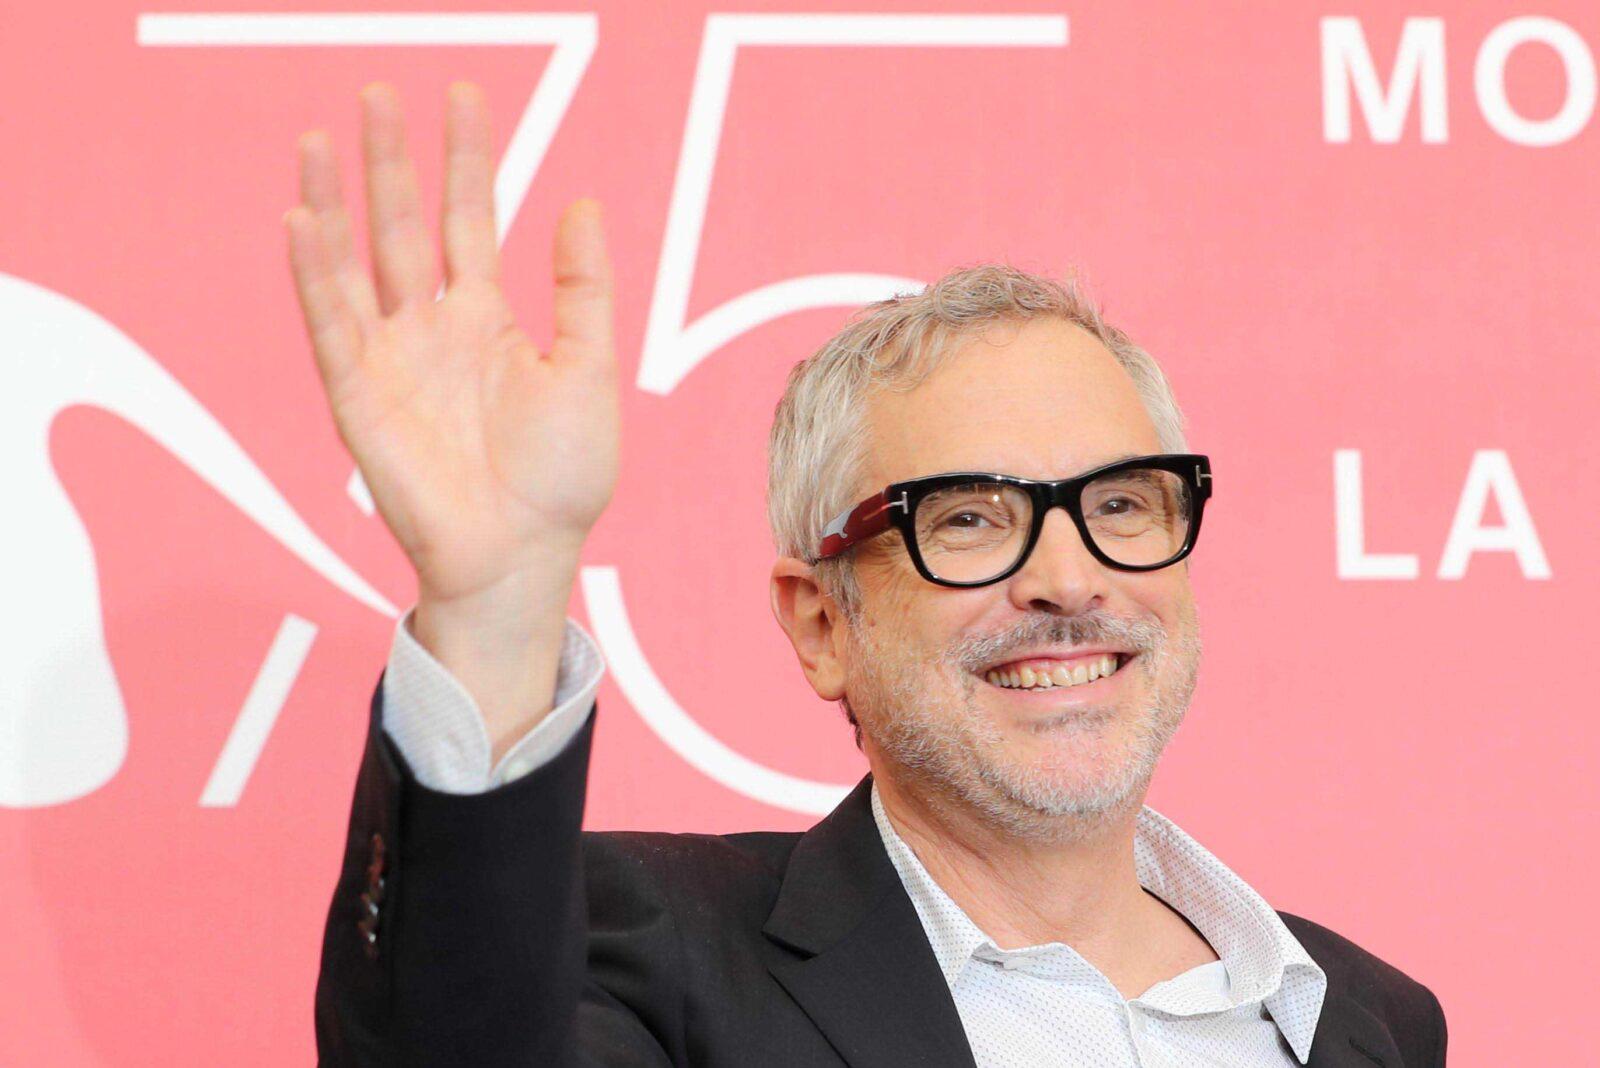 آلفونسو کوارون در جشنواره فیلم ونیز